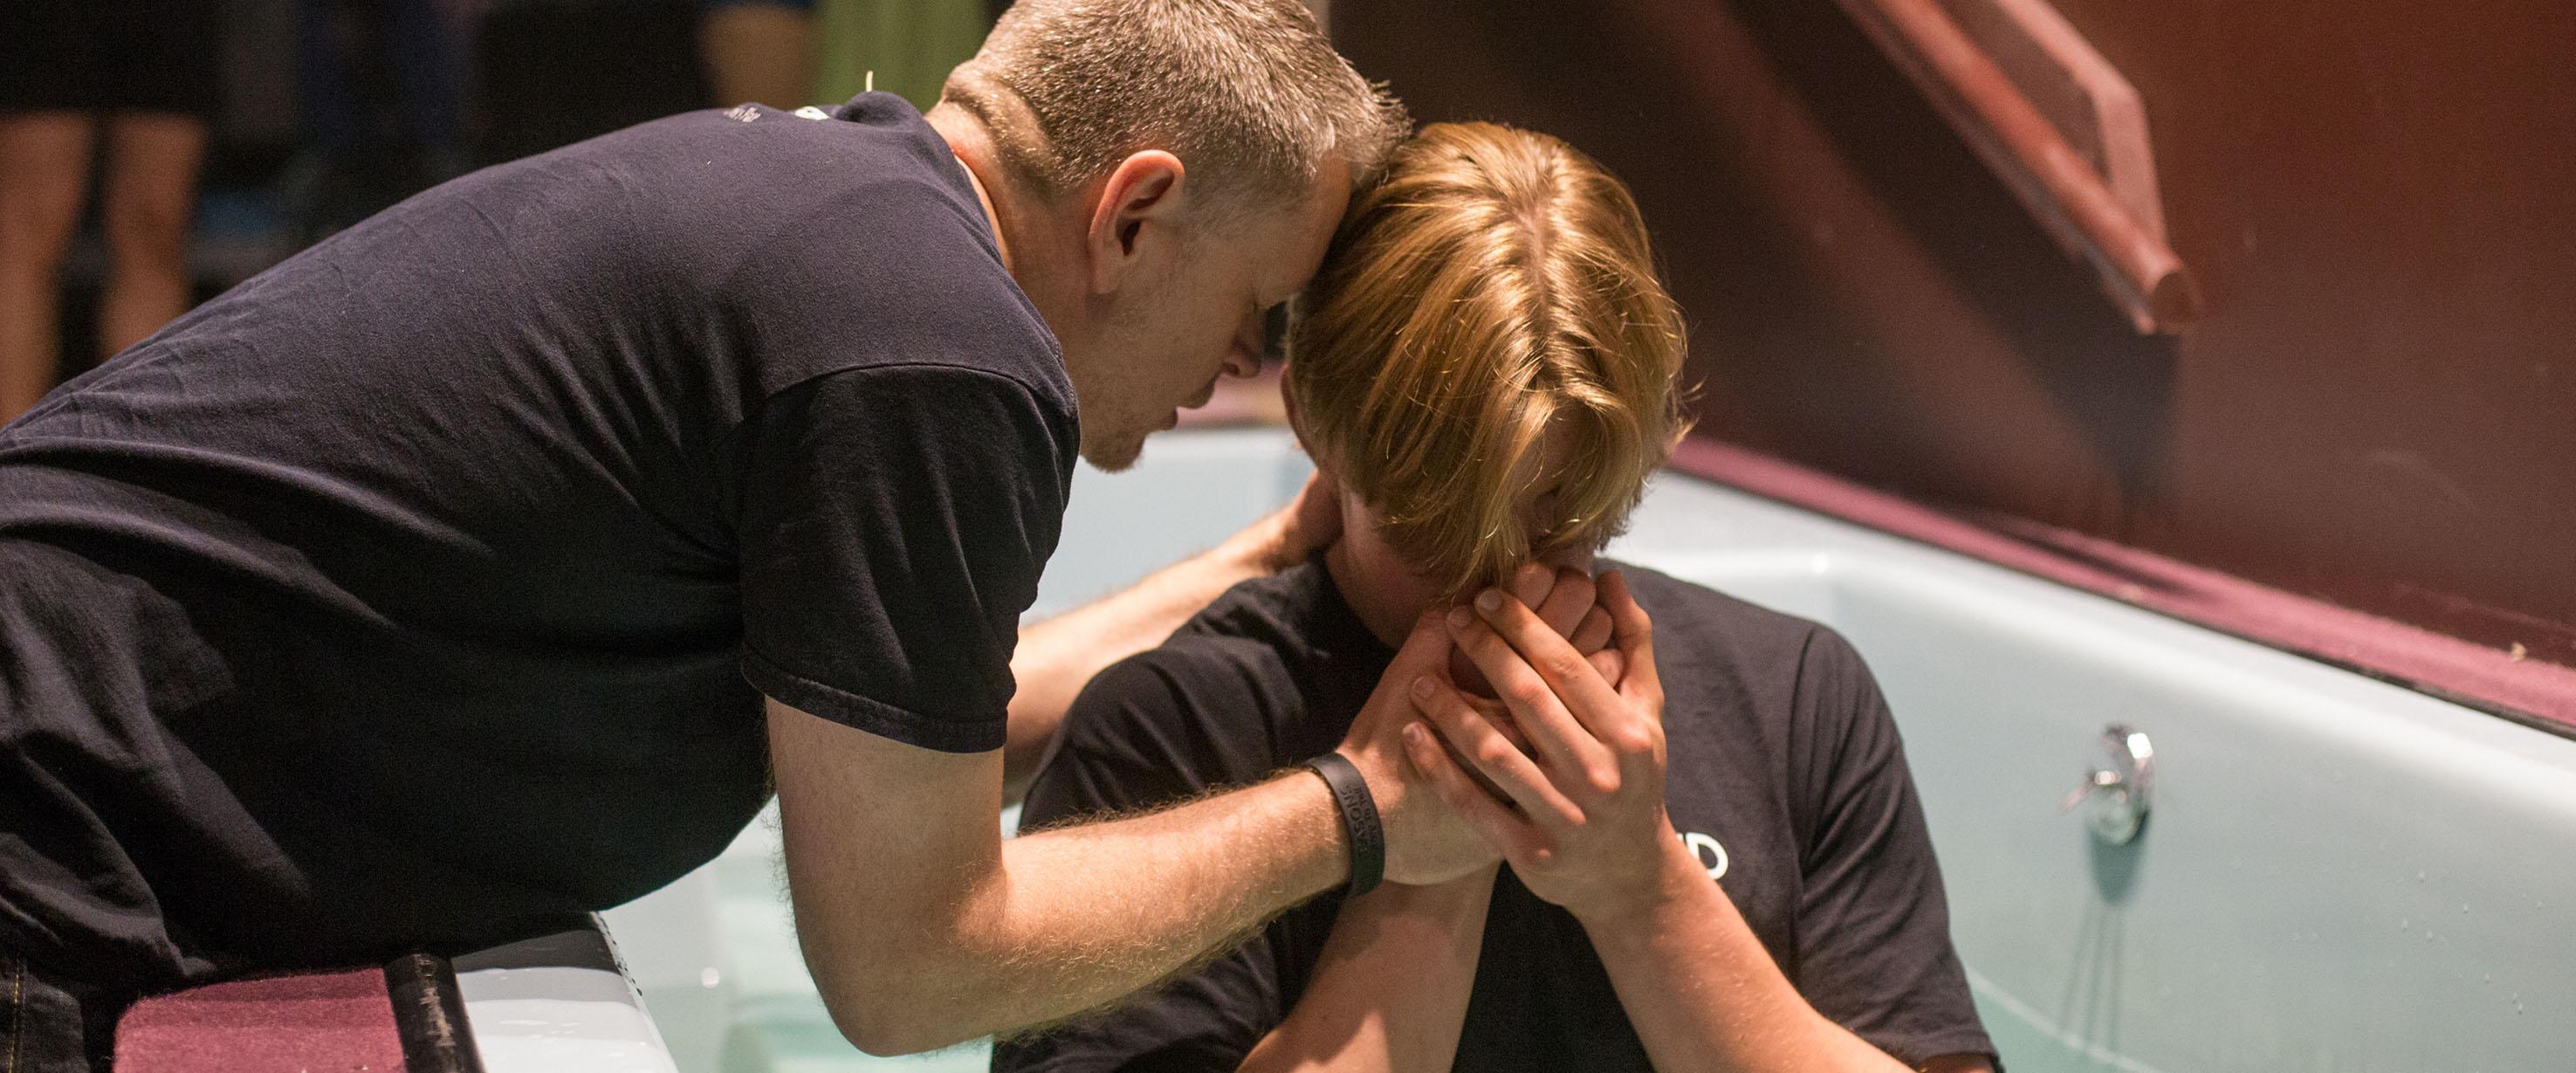 ocbaptism1